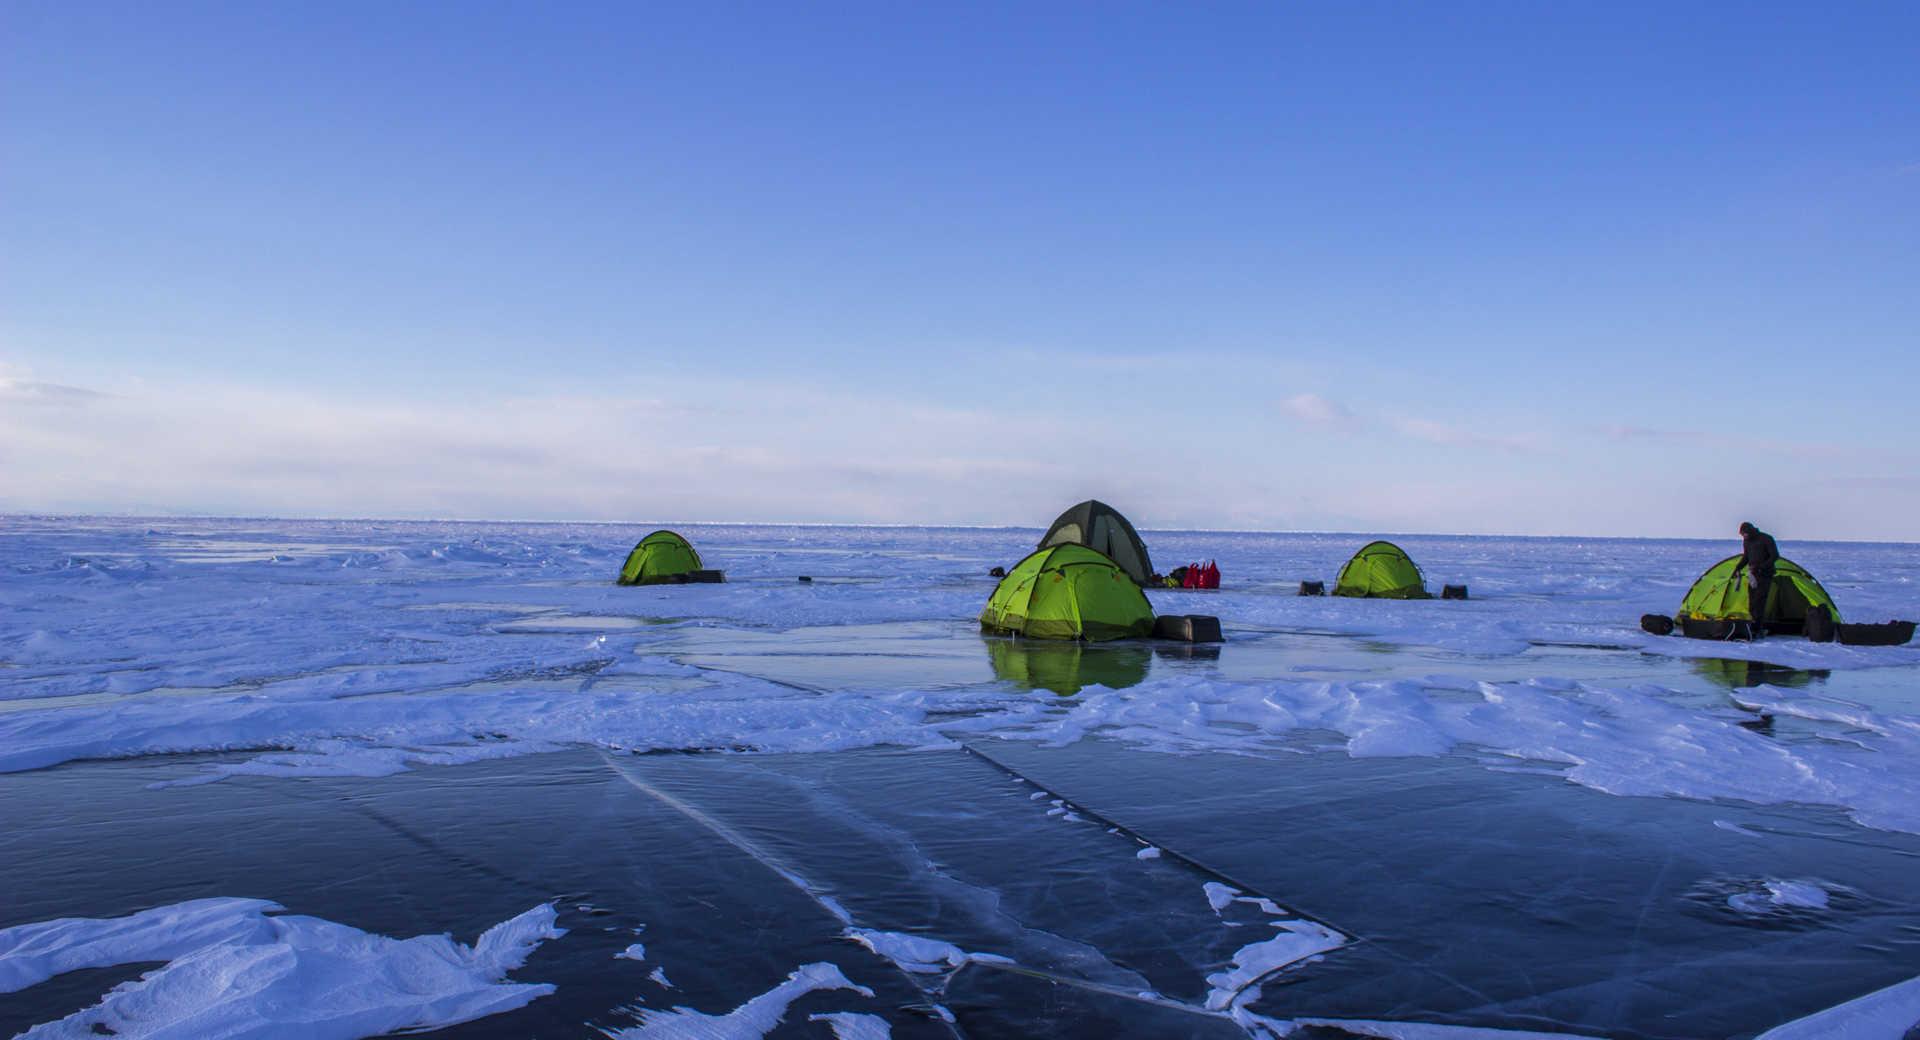 Camp sur la glace au Baikal, Russie